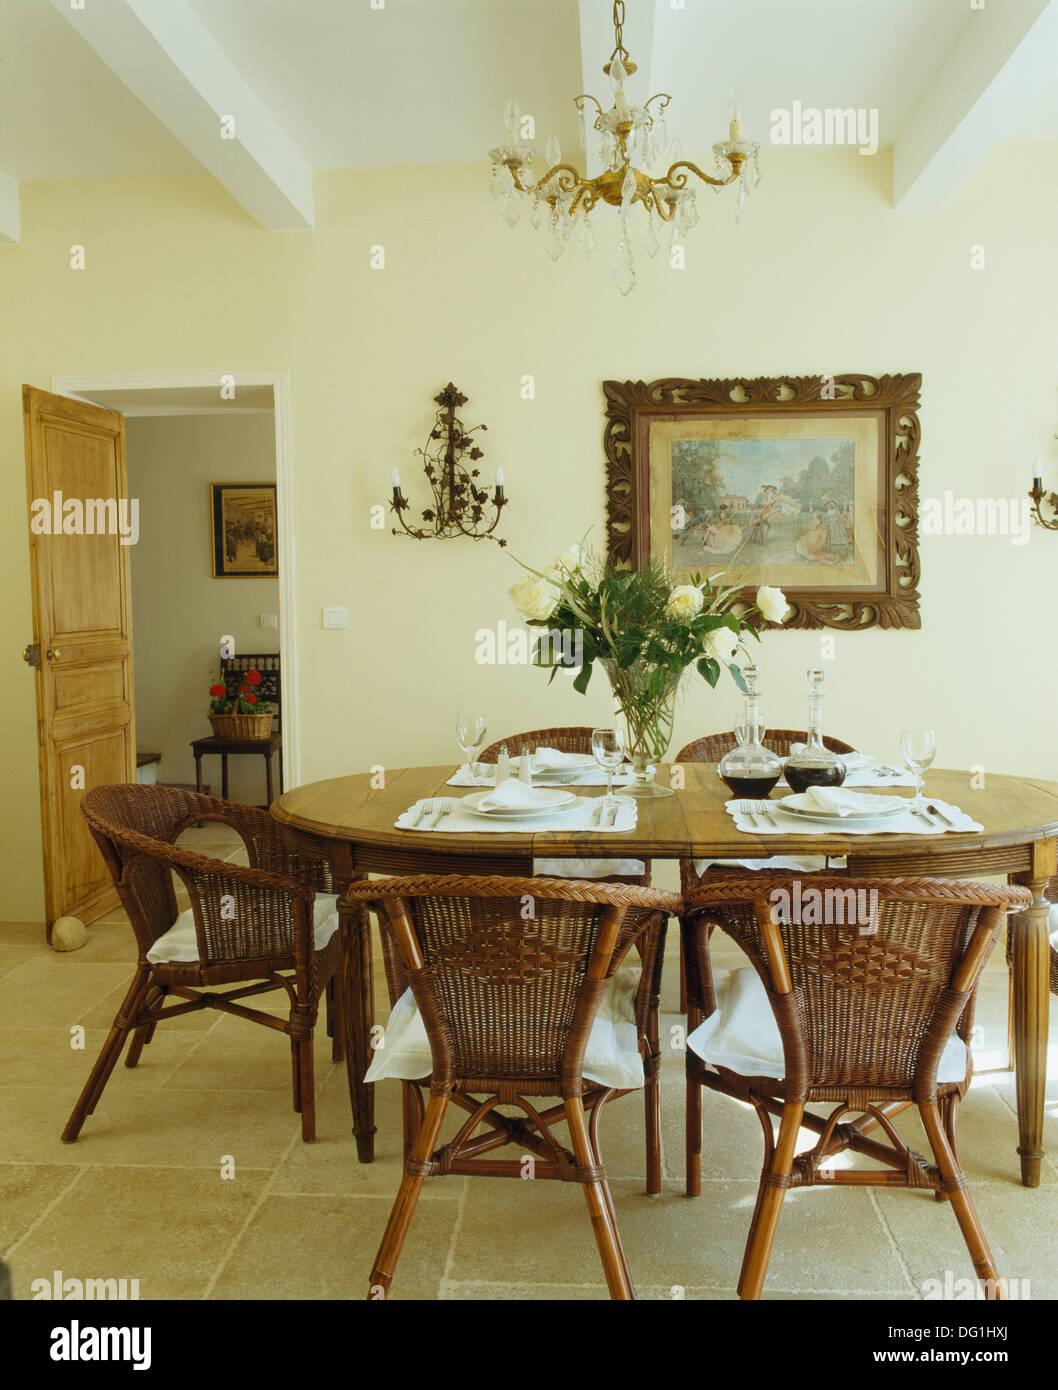 Sillas de mimbre y mesa antigua oval en francés país comedor con ...